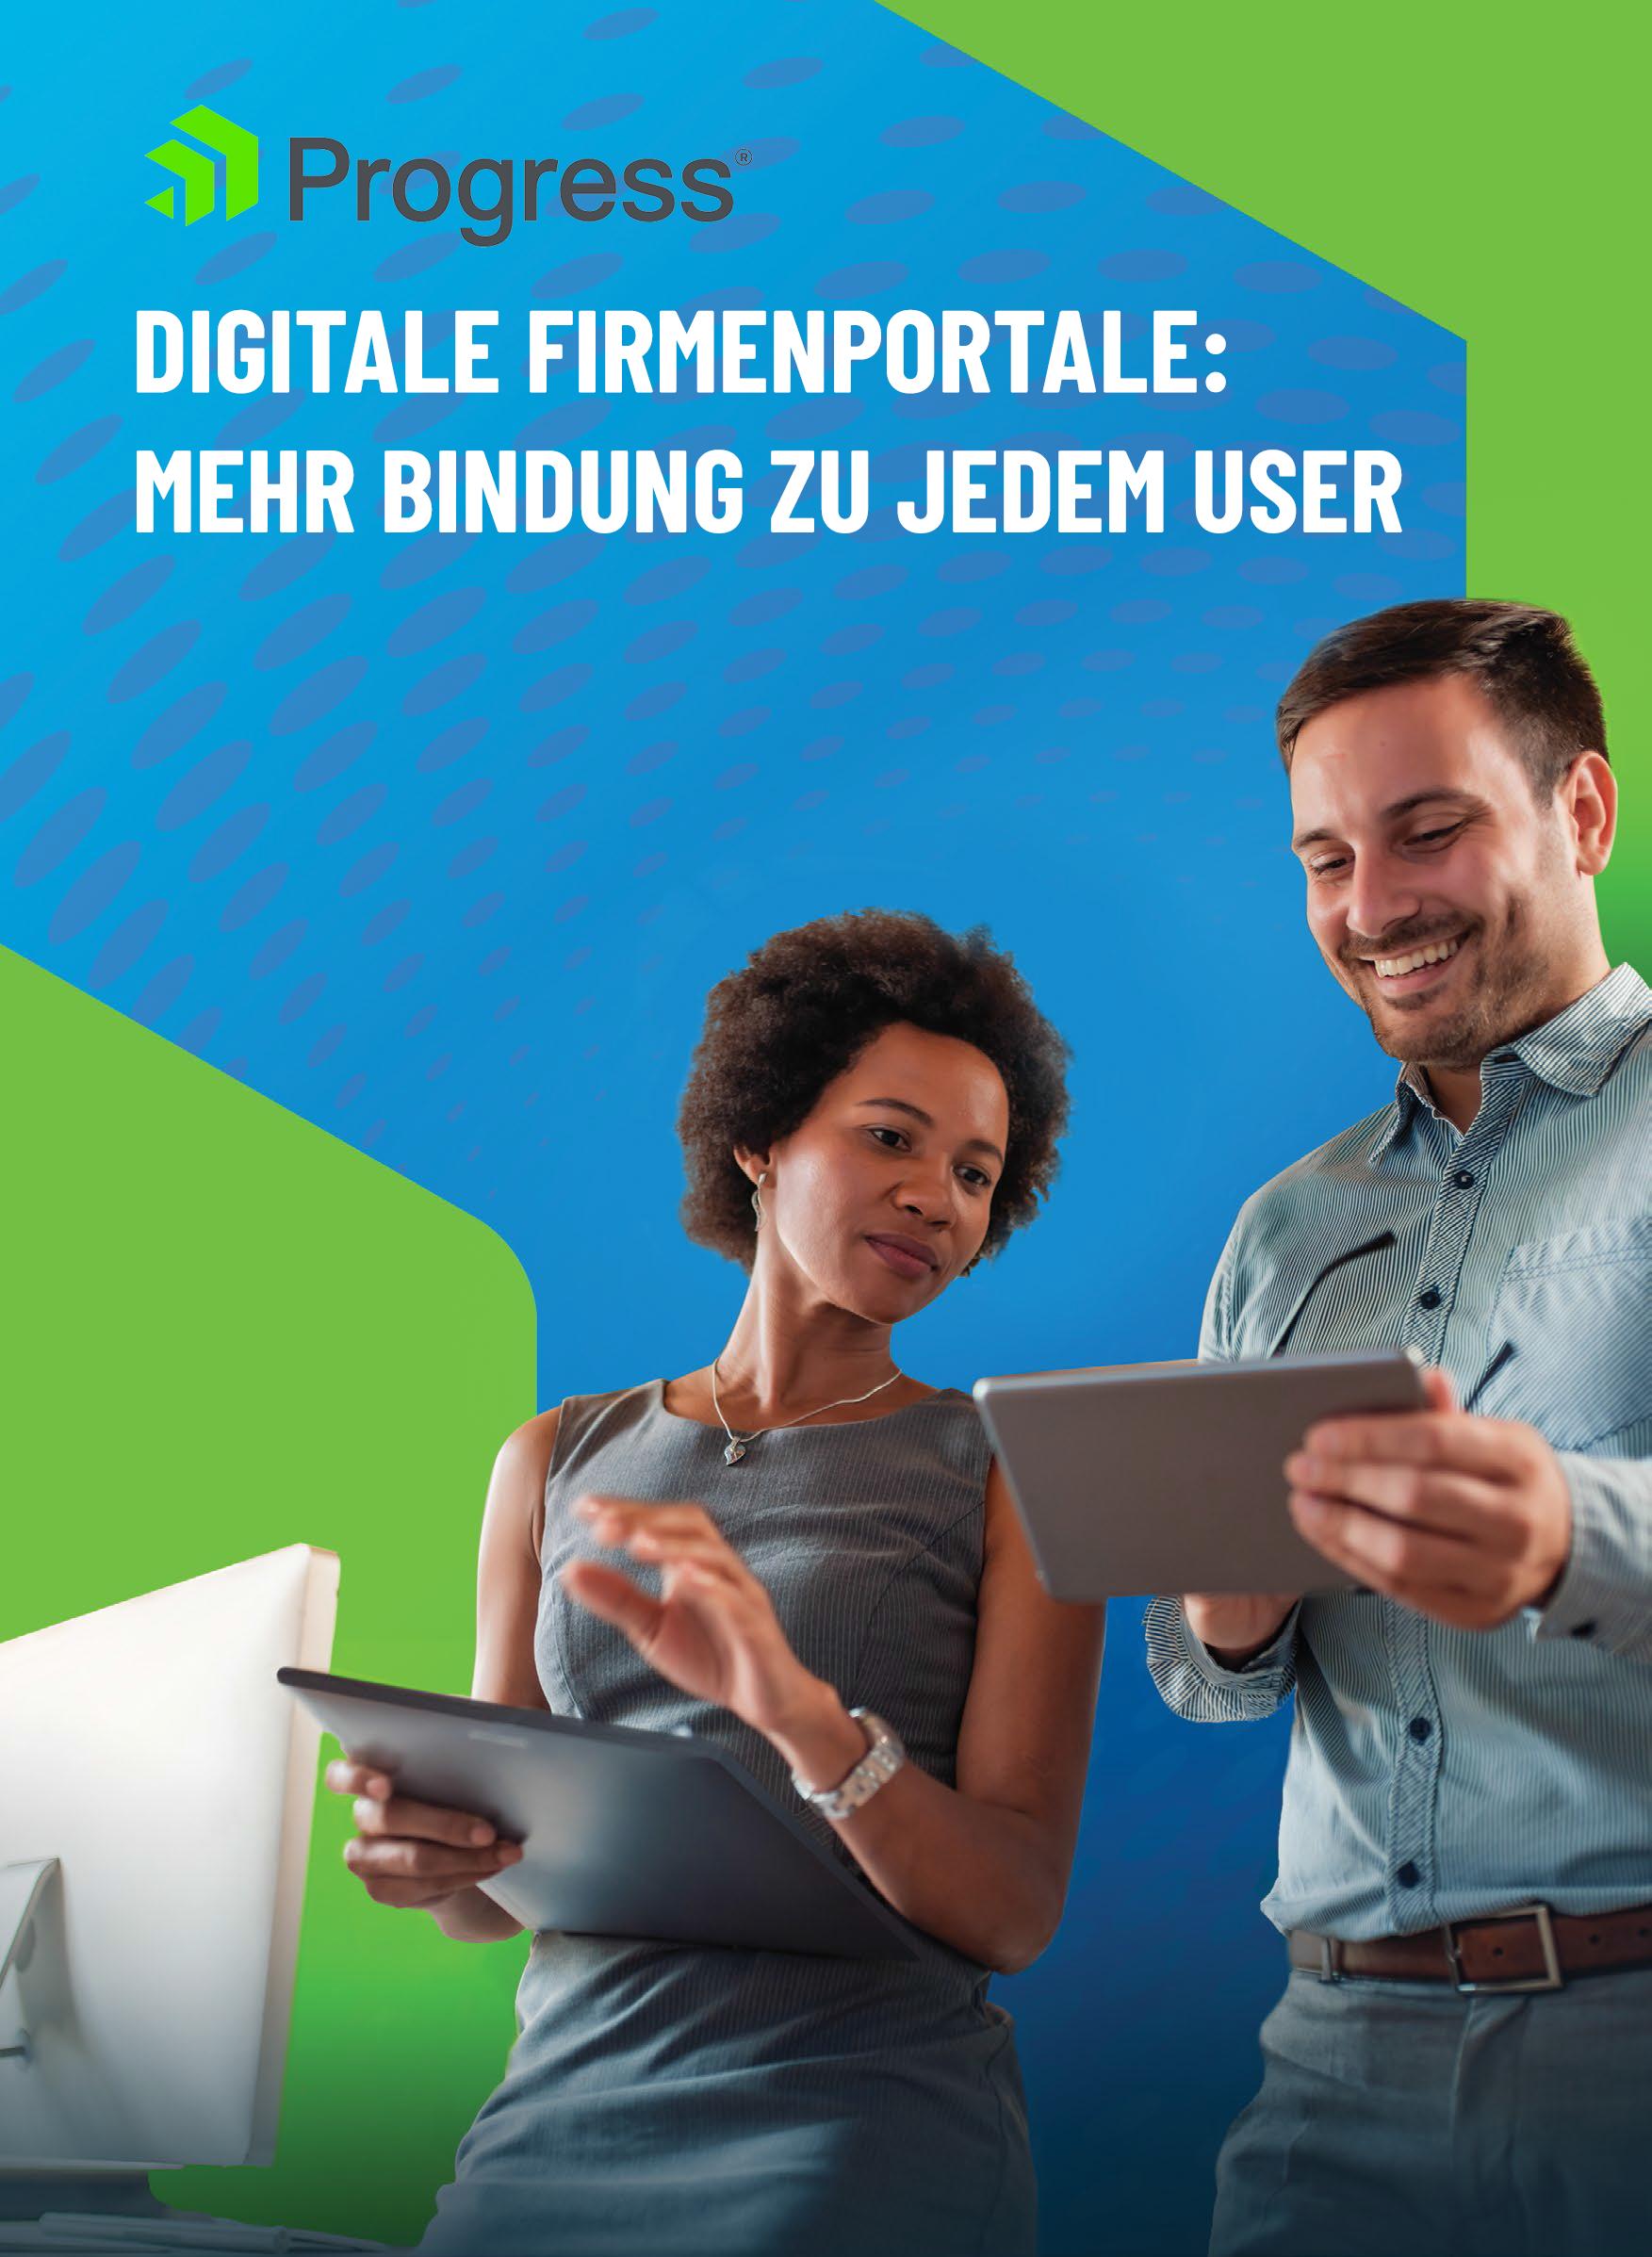 Digitale Firmenportale: Mehr Bindung zu jedem User